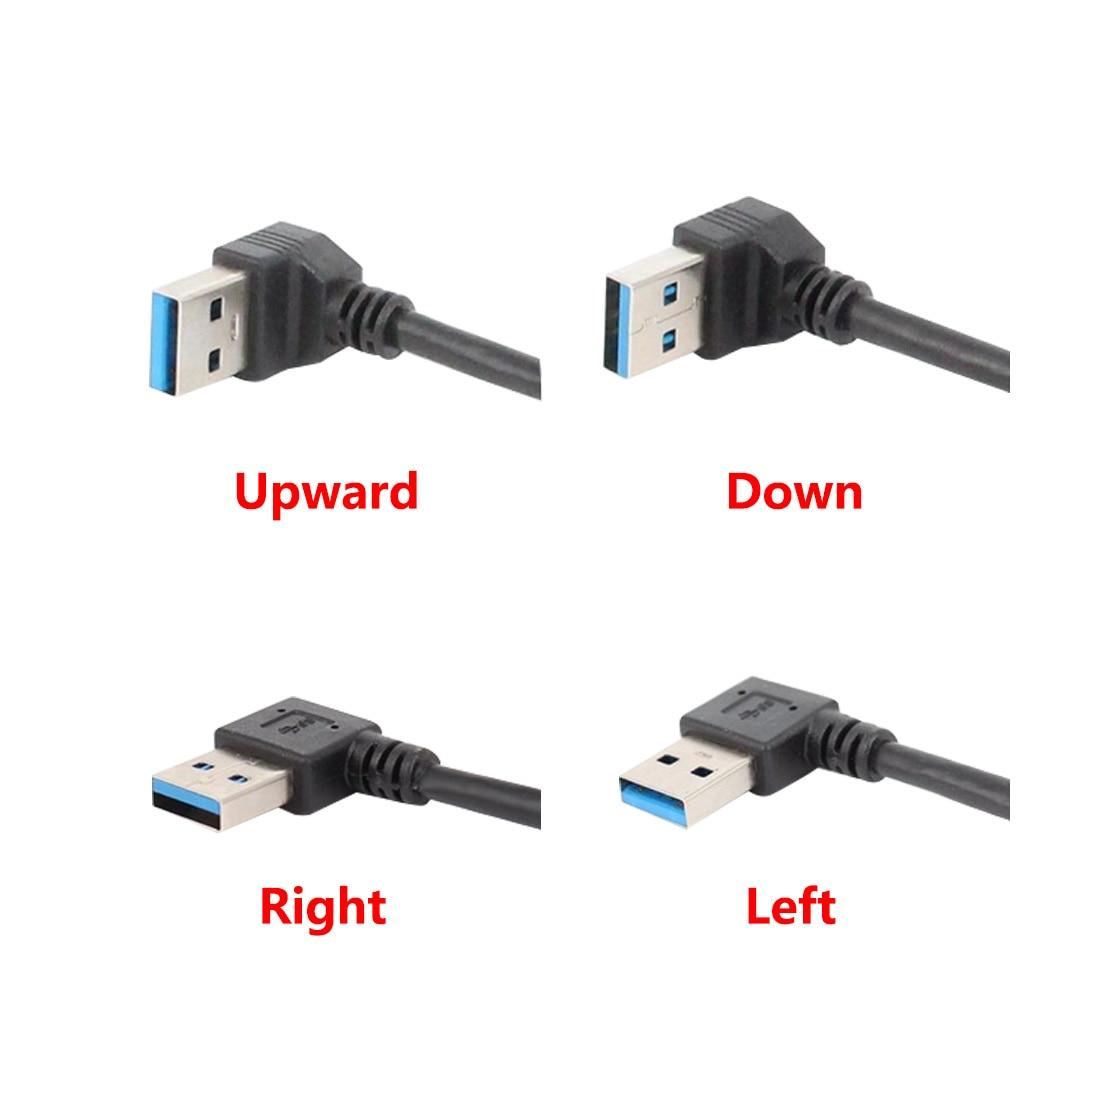 Cable de extensión USB 3,0 derecho/izquierdo/arriba/ángulo inclinado 90 grados macho a hembra 20cm Cable adaptador USB Cables